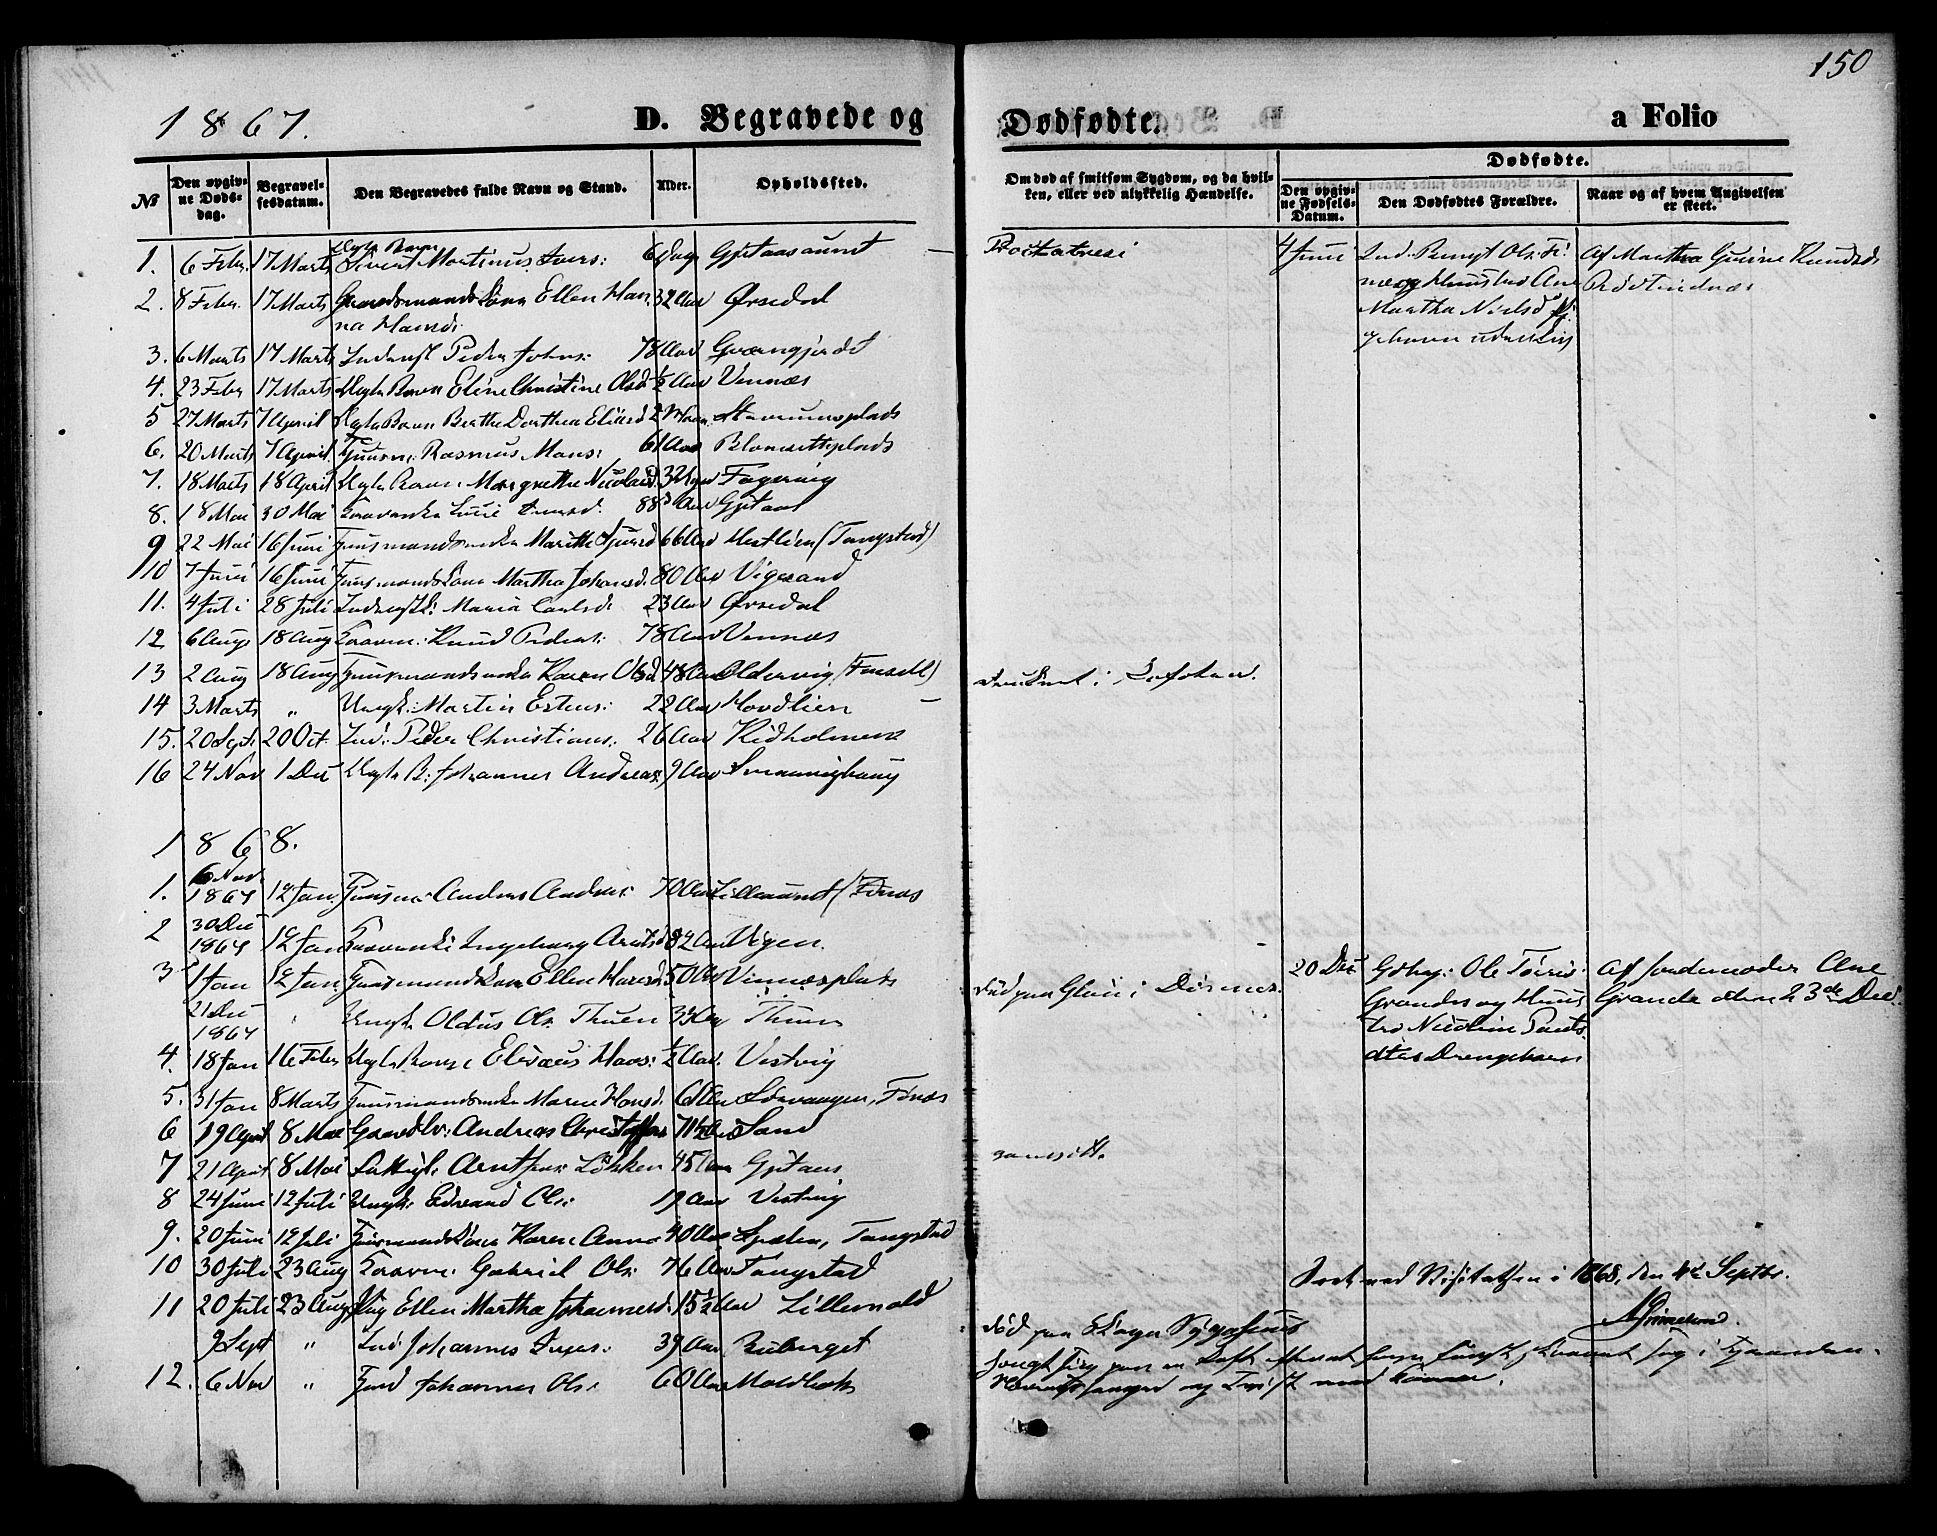 SAT, Ministerialprotokoller, klokkerbøker og fødselsregistre - Nord-Trøndelag, 744/L0419: Ministerialbok nr. 744A03, 1867-1881, s. 150